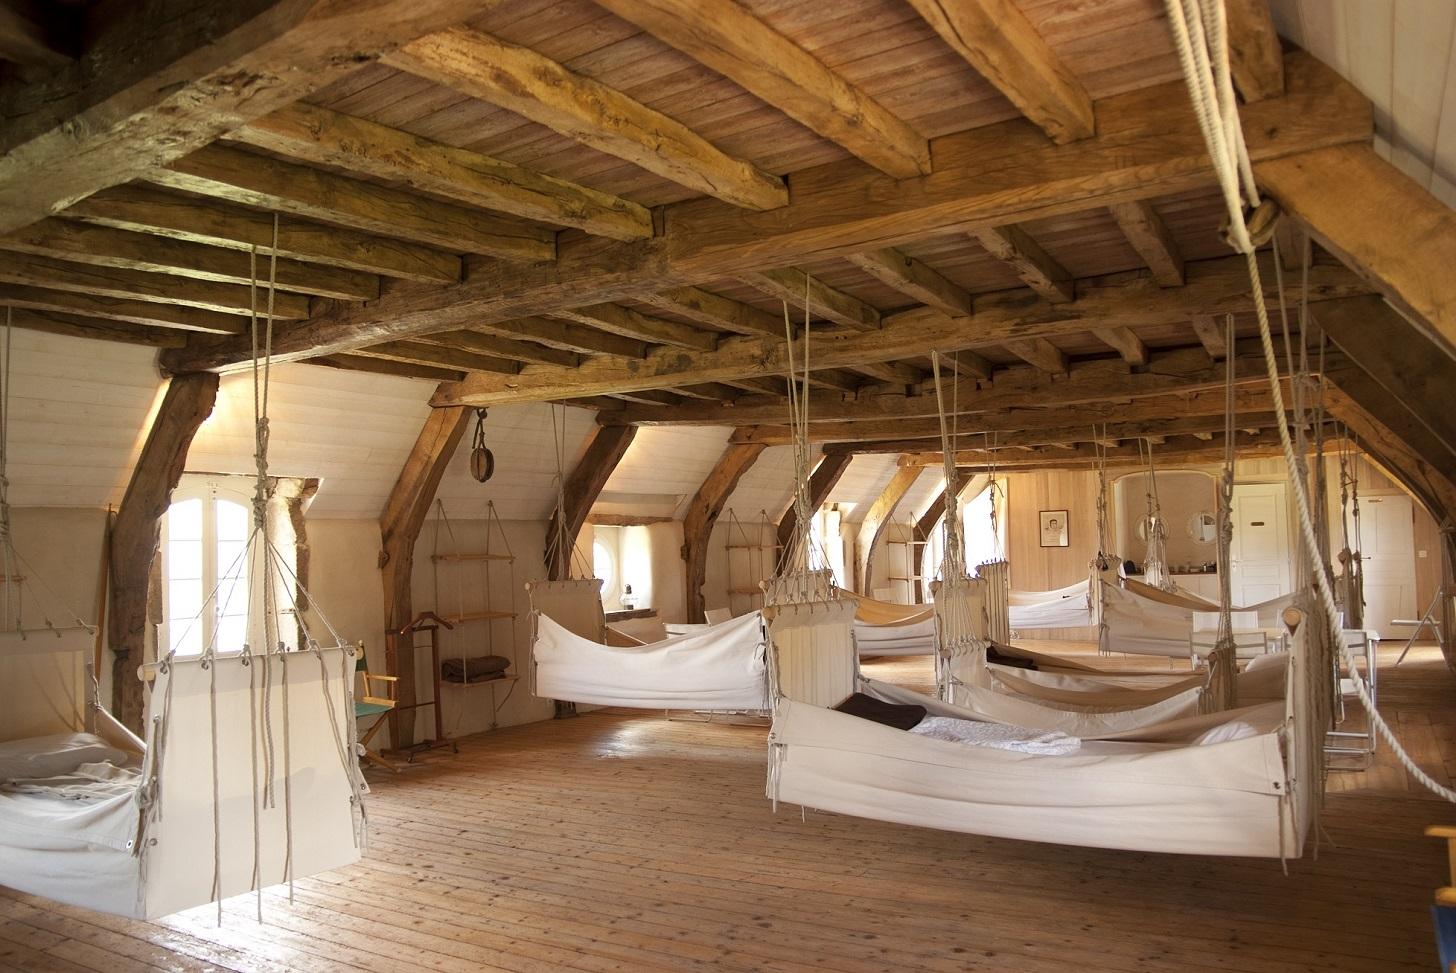 #402811 L'entrepont – Chambre Pour Groupe De 4 à 8 Personnes  1567 chambre petite mais belle 1456x973 px @ aertt.com